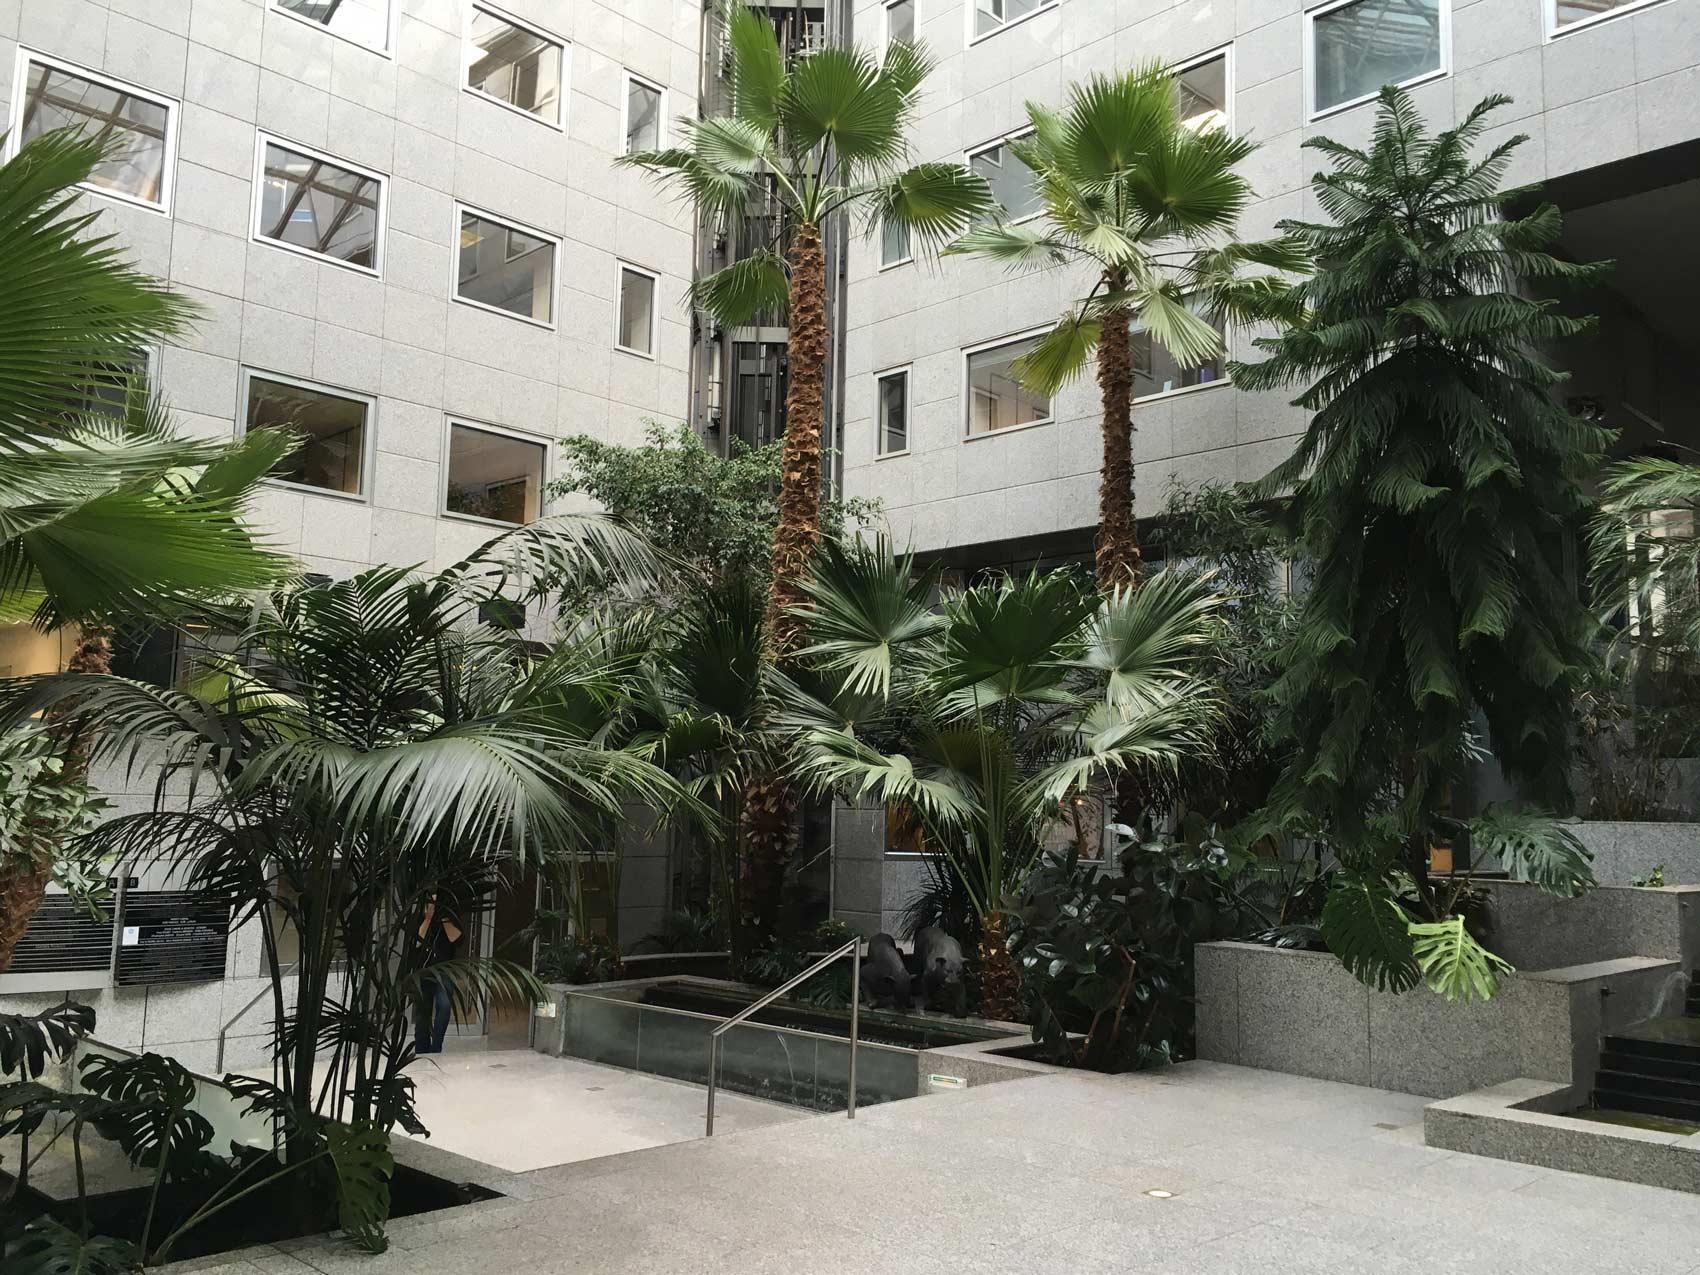 Entretien de parcs & jardins